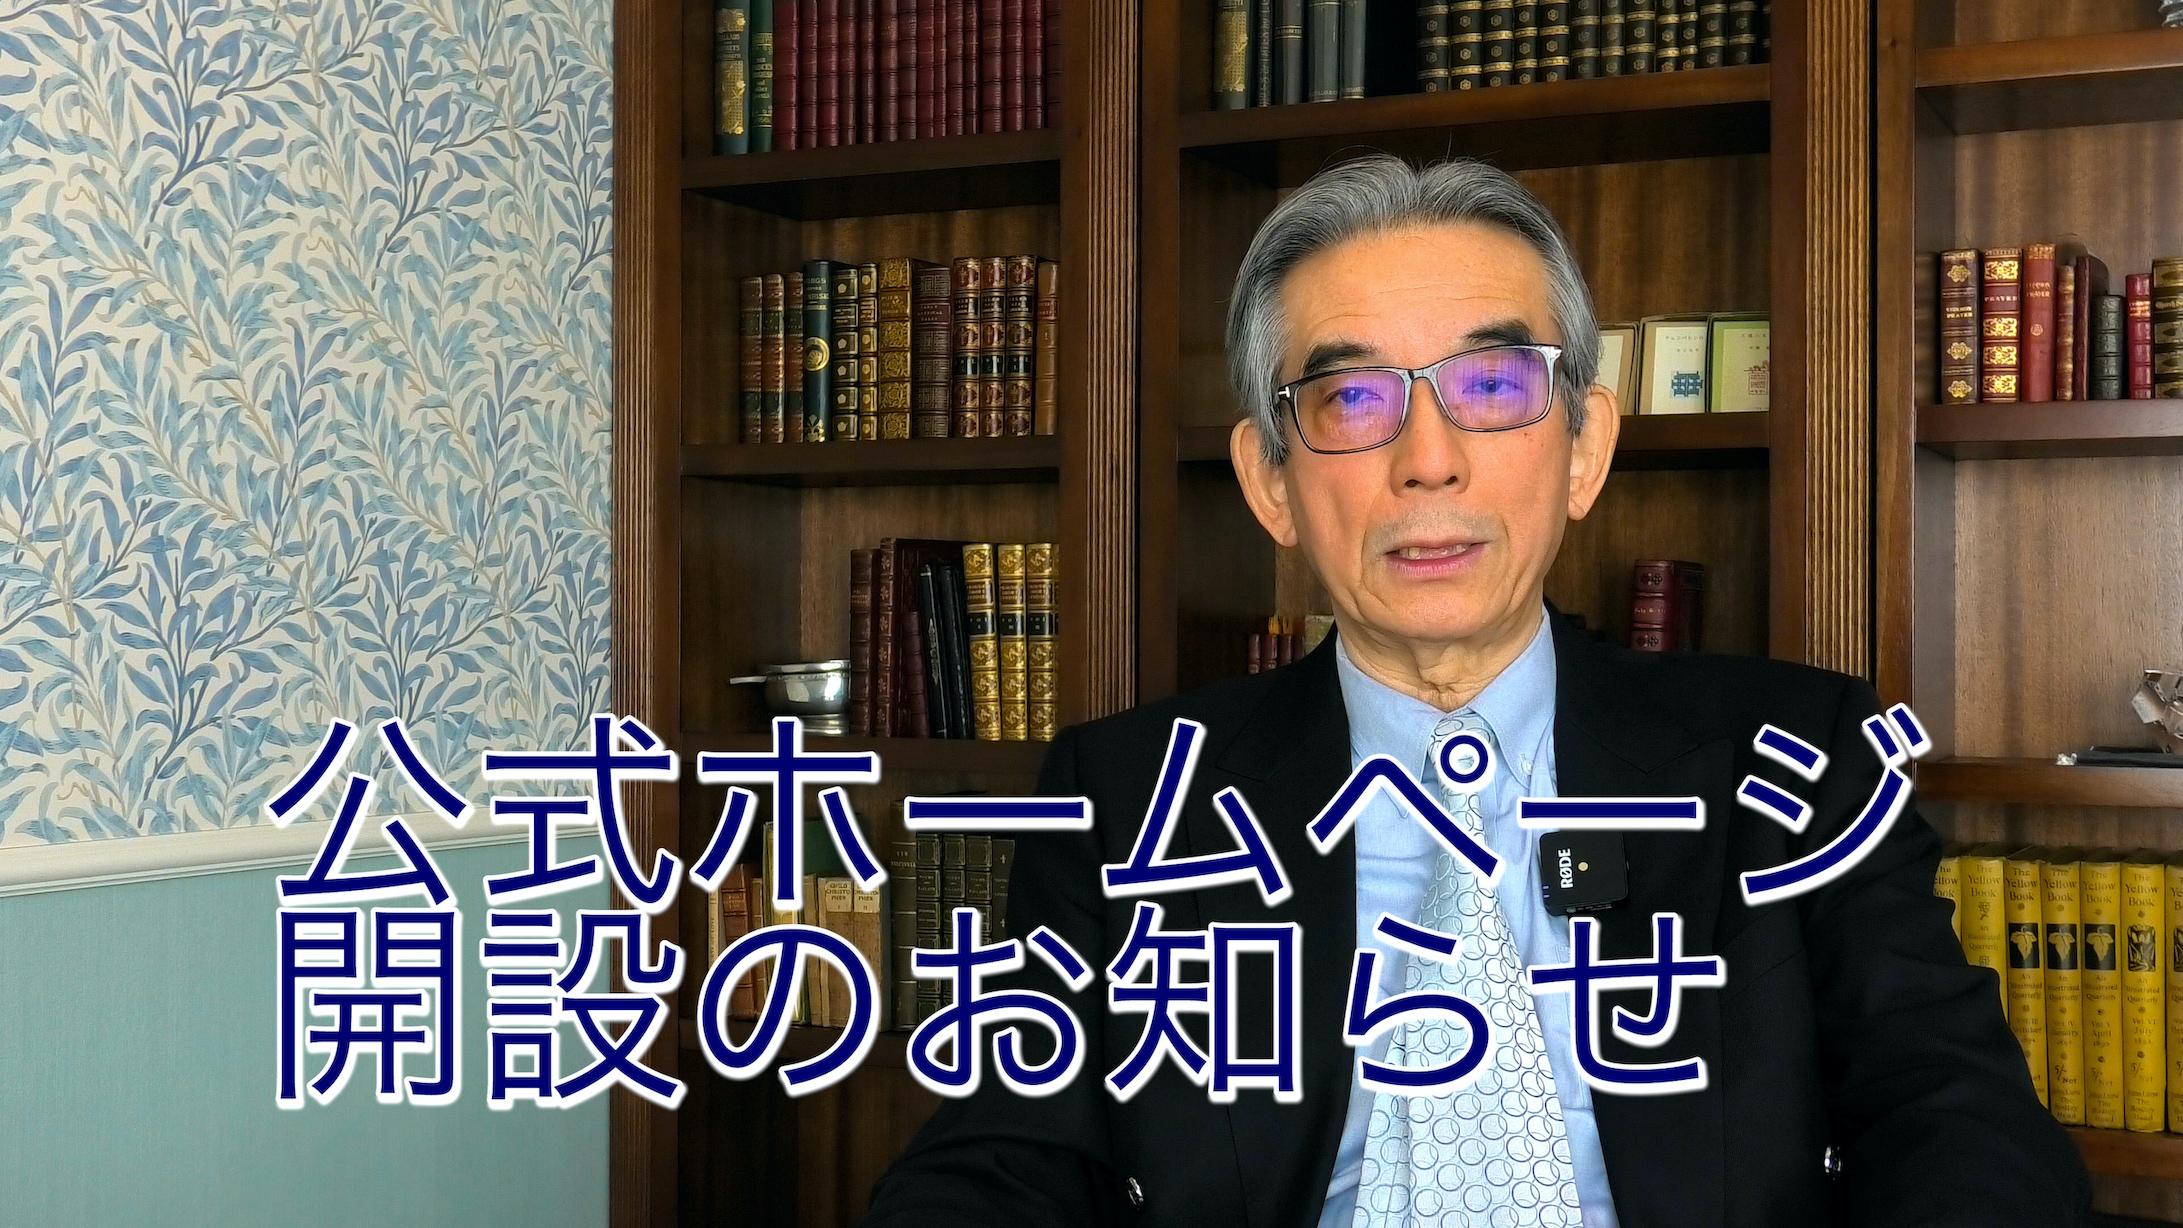 高宮利行公式ホームページ開設のお知らせ | toshitakamiya.com 高宮 ...